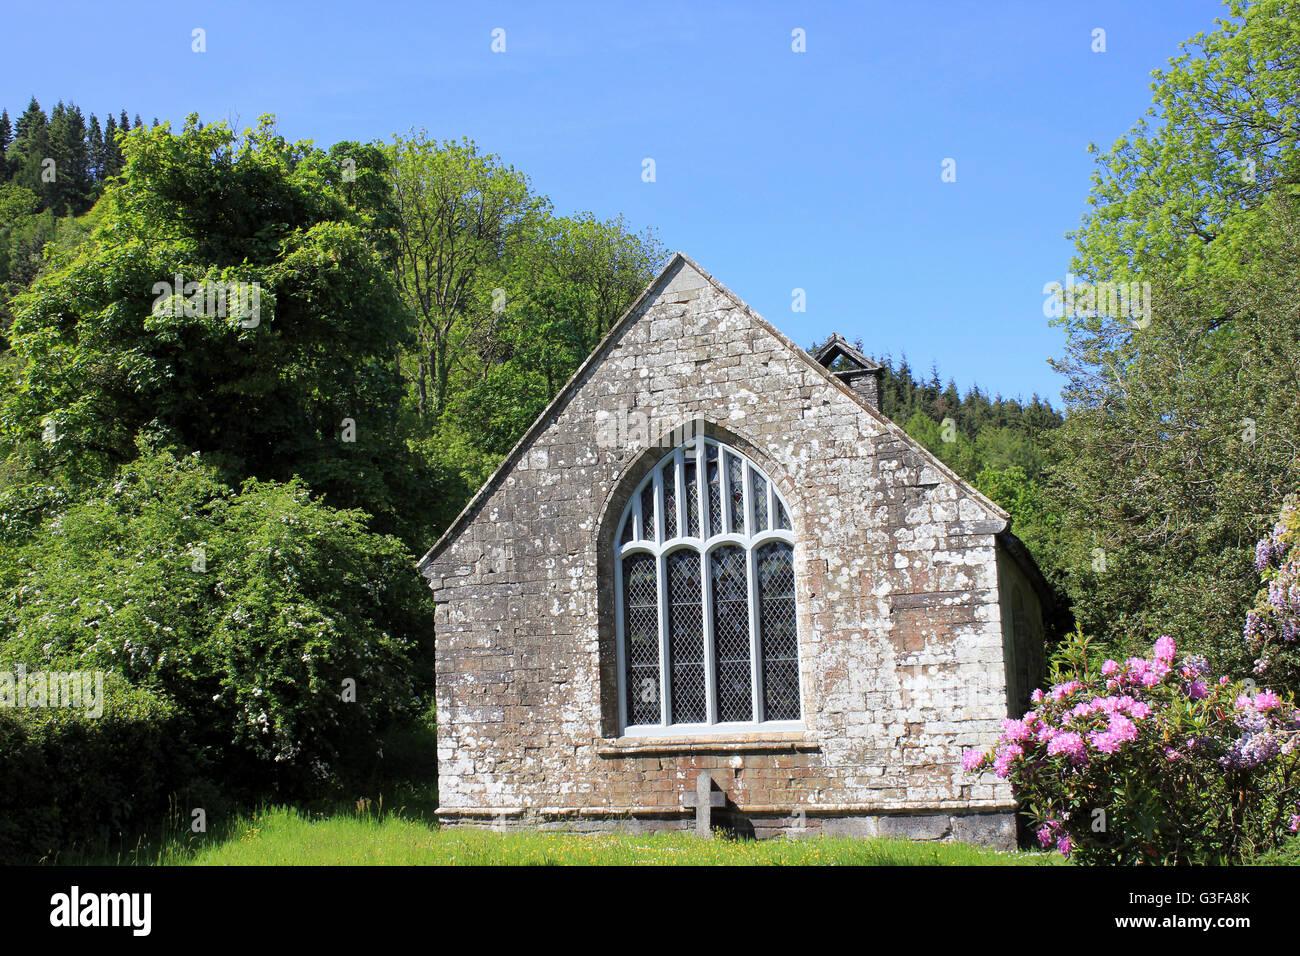 7th Century, Gwydir Uchaf Chapel, Gwydyr Forest Park, Snowdonia N.P., Wales - Stock Image